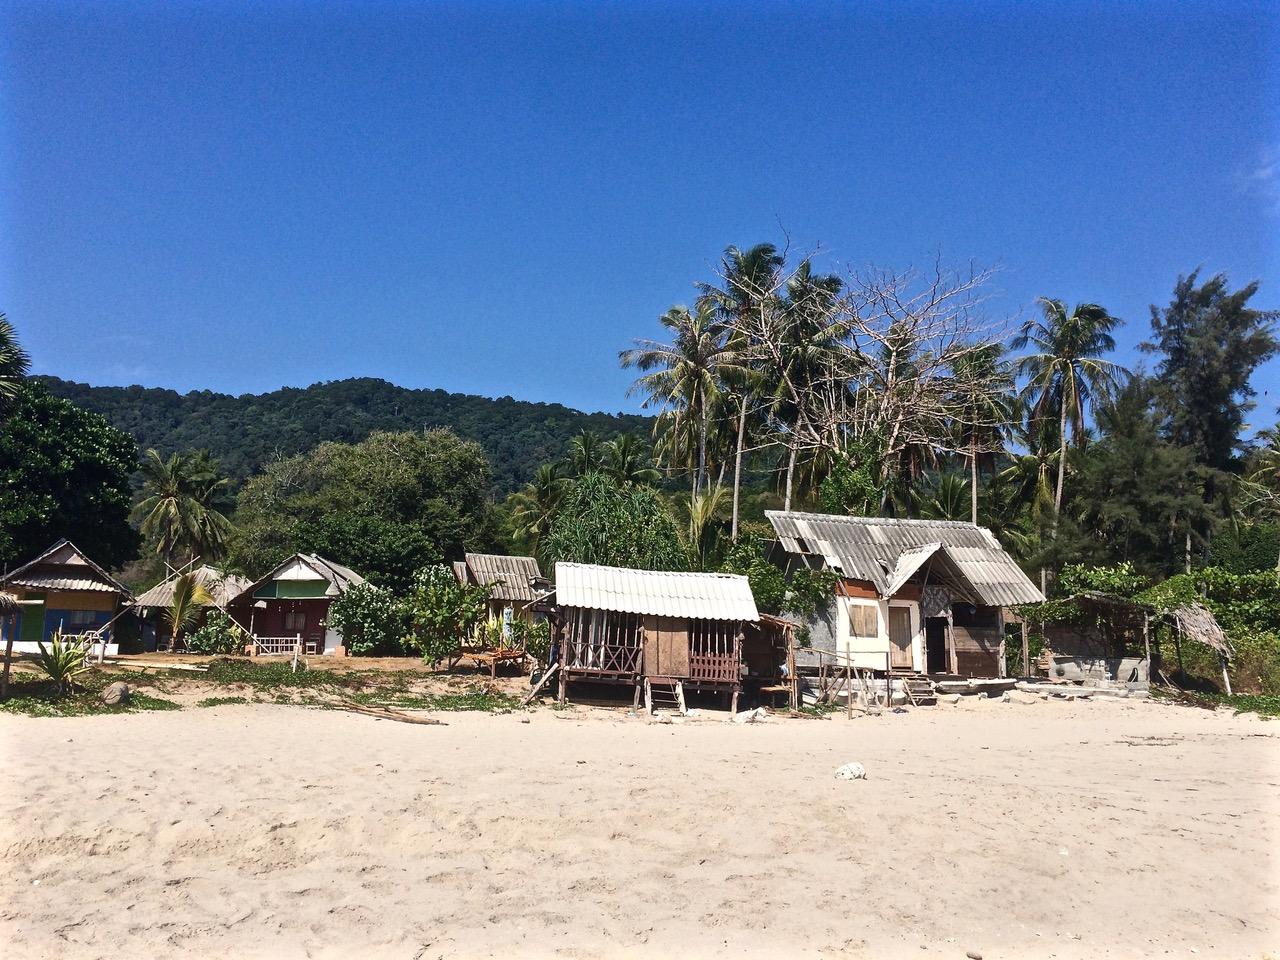 Maisons rustiques sur la plage de Koh Lanta